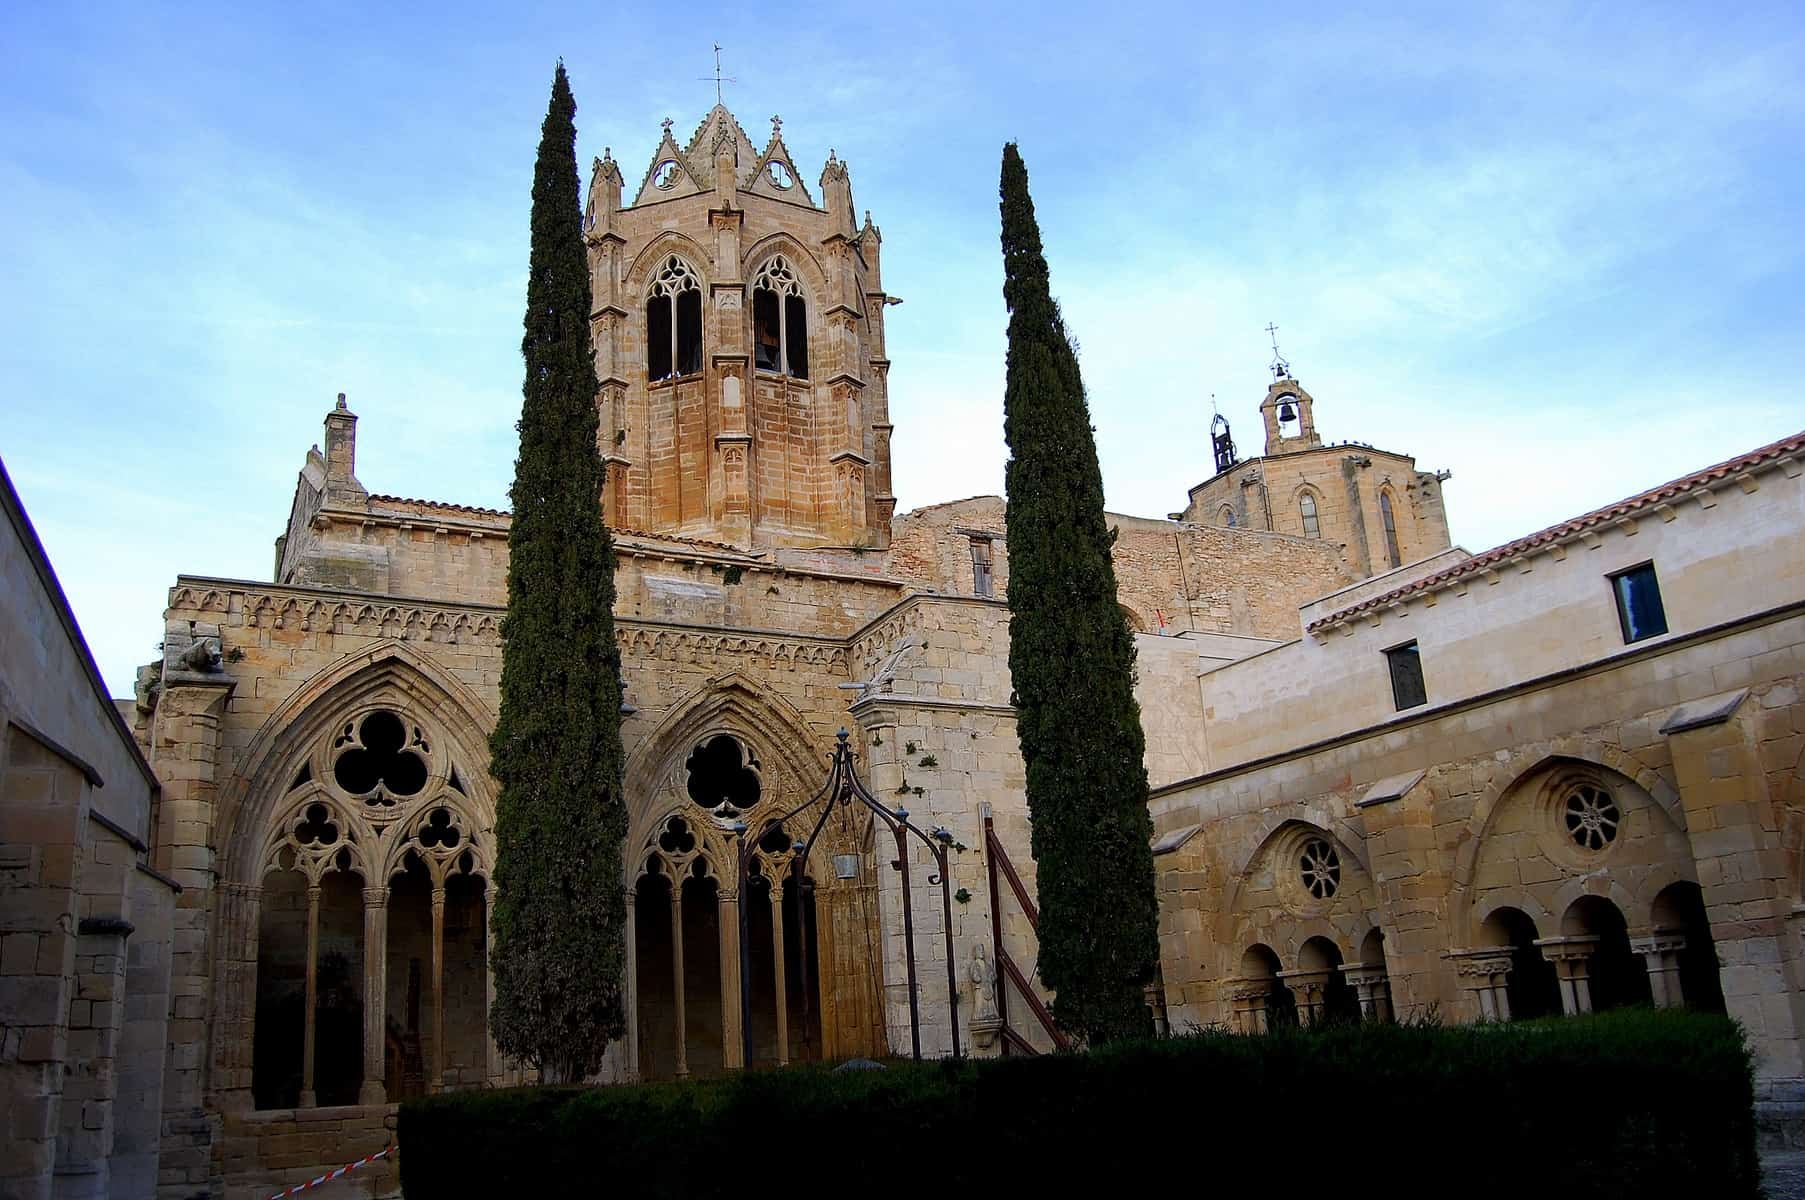 El monestir de Santa Maria de Vallbona, a Vallbona de les Monges. Crèdit: Àngela Llop